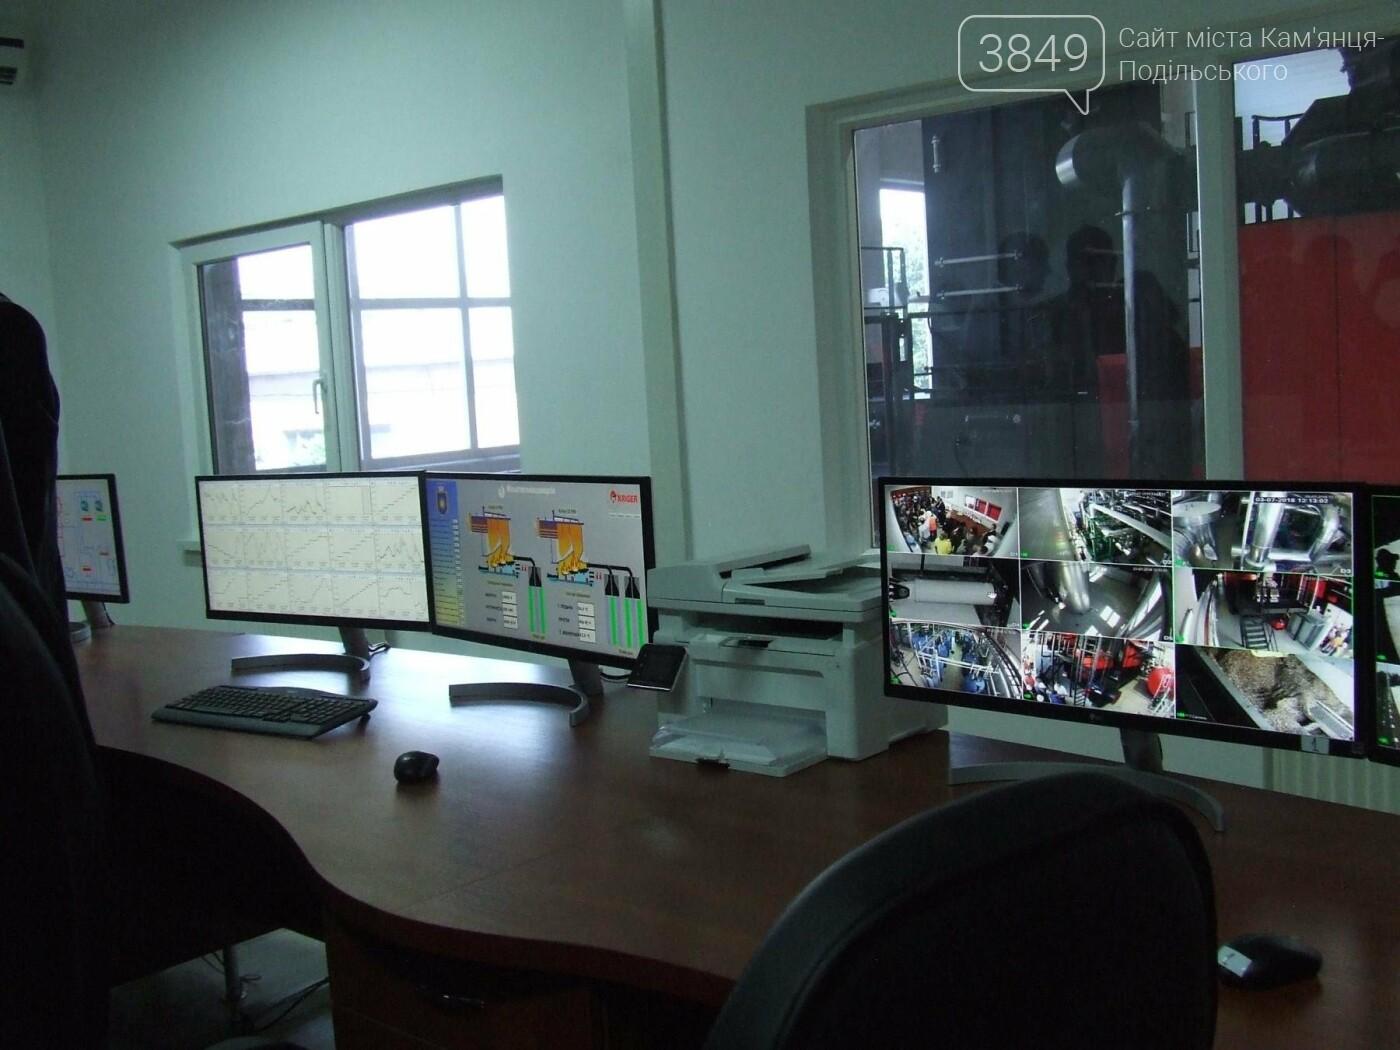 """""""Отопити, може й отопимо, та точно не заморозимо"""", або у Кам'янці відкрили новітню біо-теплоелектростанцію, фото-7"""